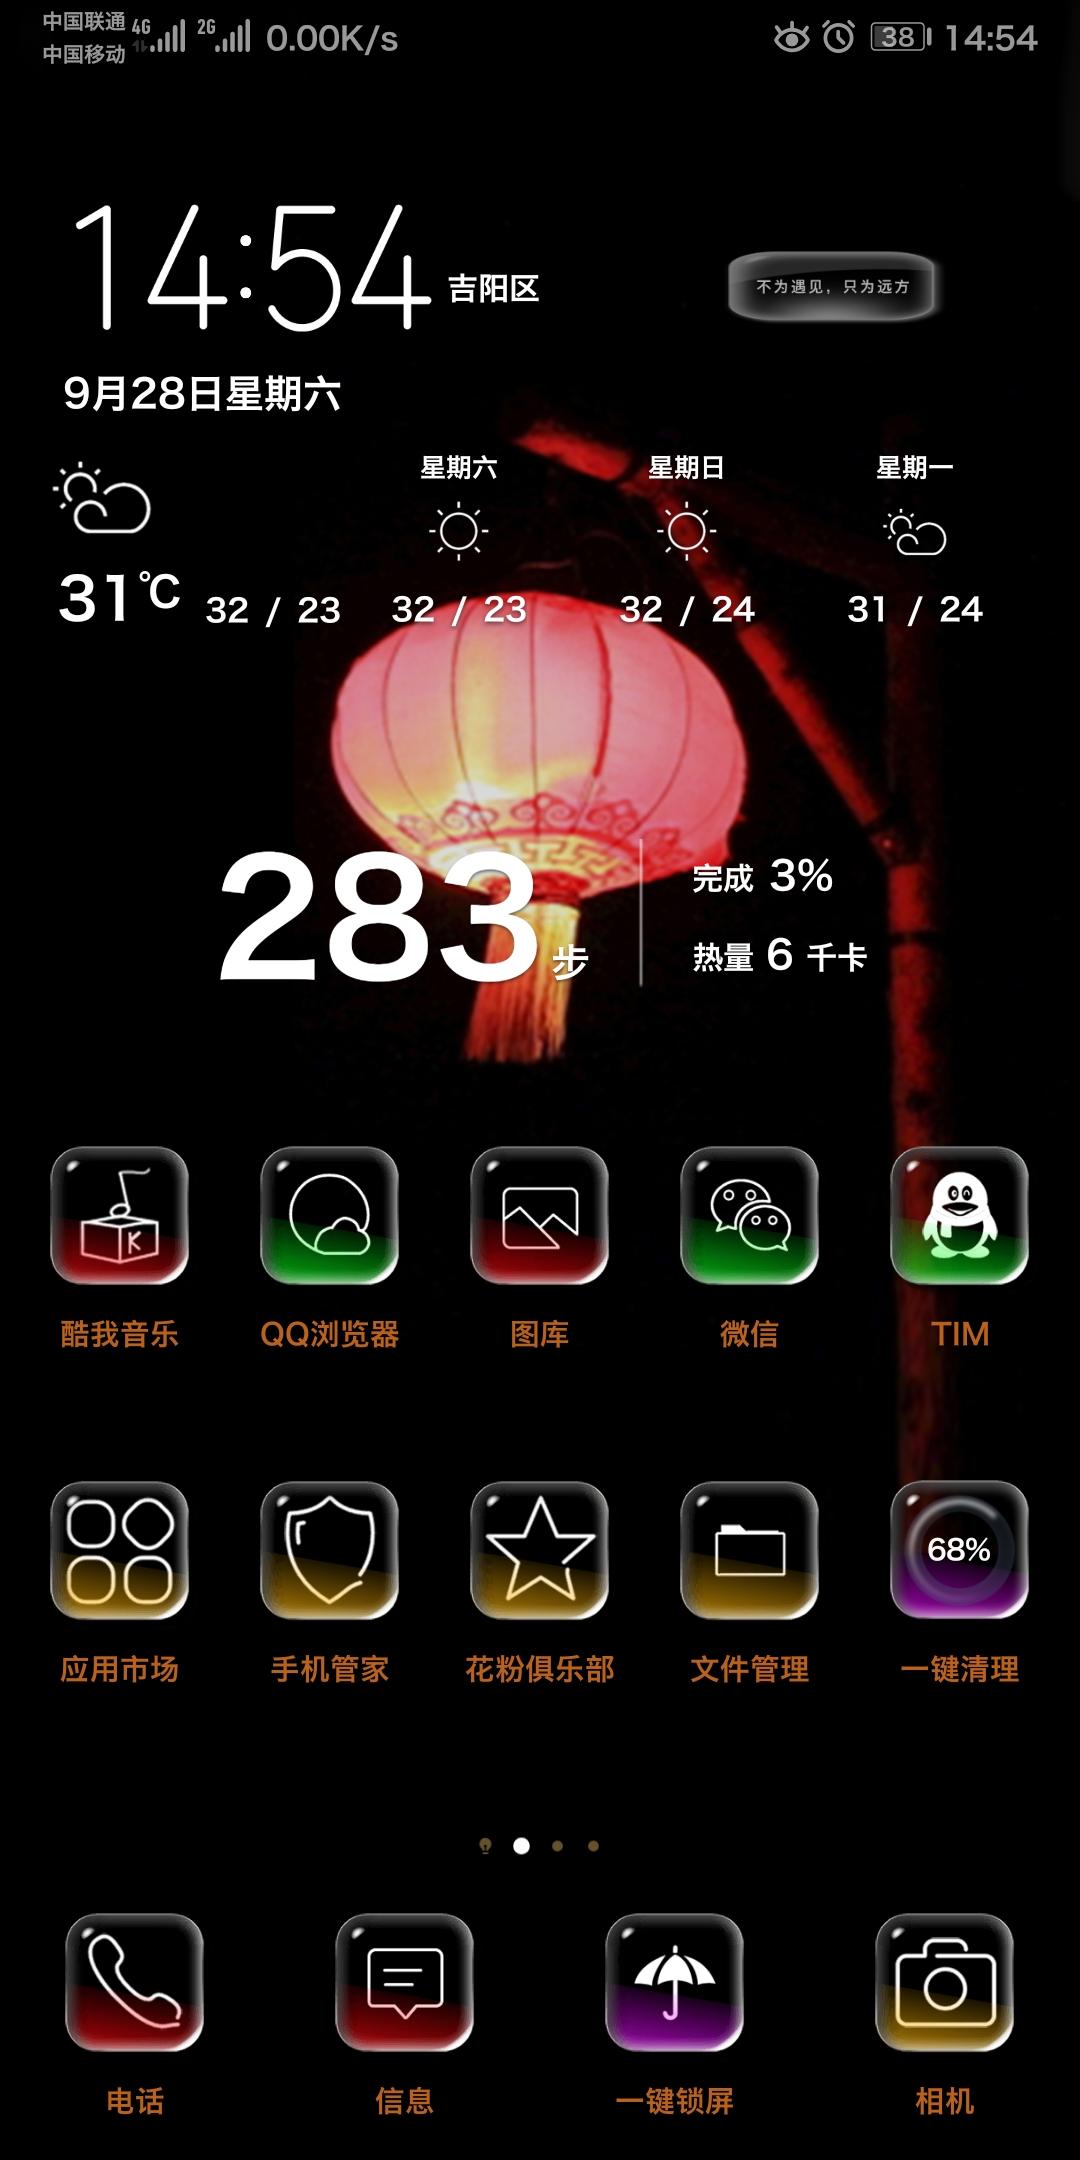 Screenshot_20190928_145446_com.huawei.android.launcher.jpg